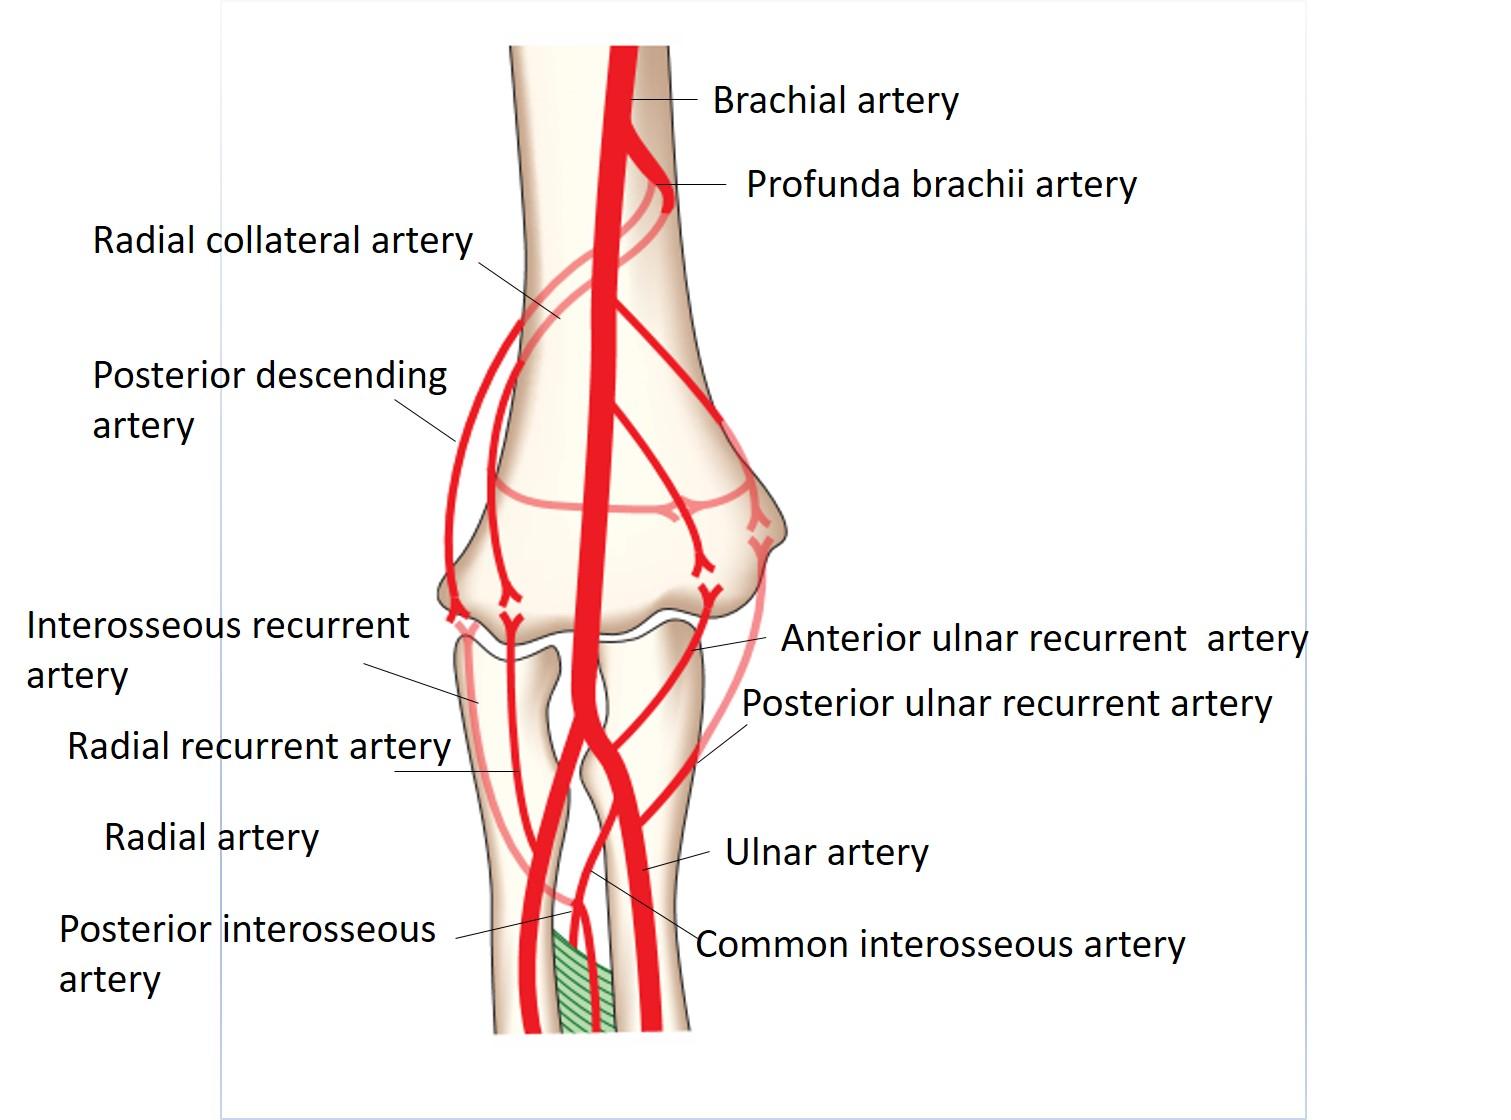 Cubital fossa anatomy